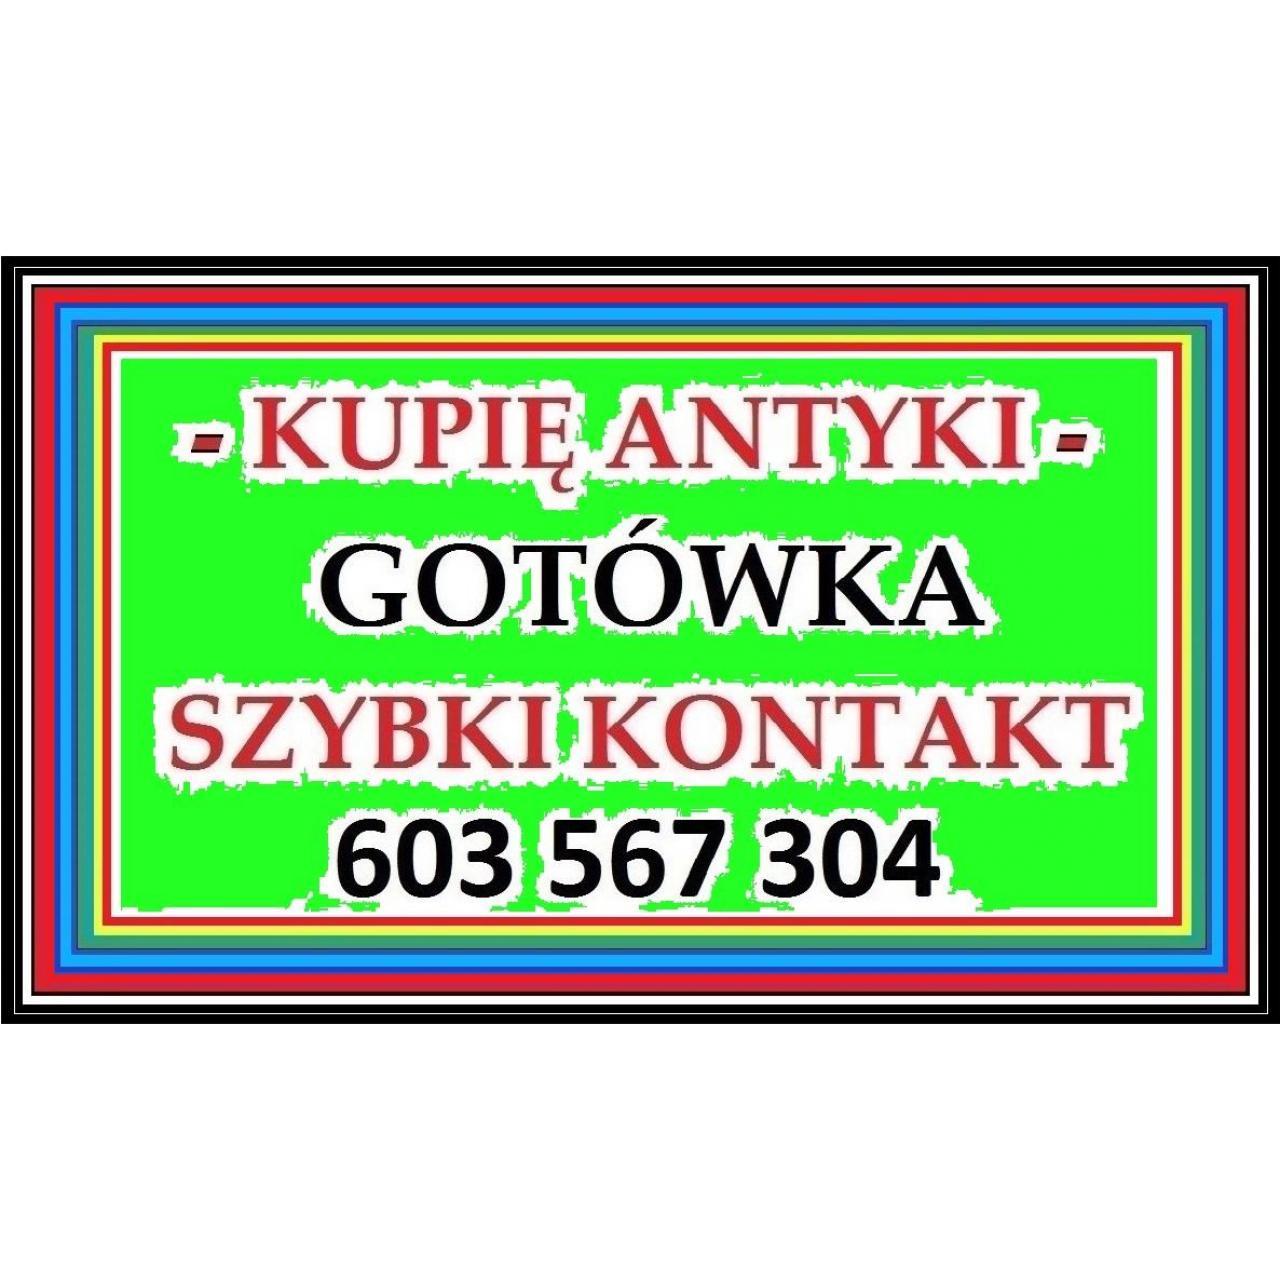 OPRÓŻNIASZ DOM / WILLĘ, CHCESZ SZYBKO SPRZEDAĆ - ANTYKI / STAROCIE ZADZWOŃ - 603567304